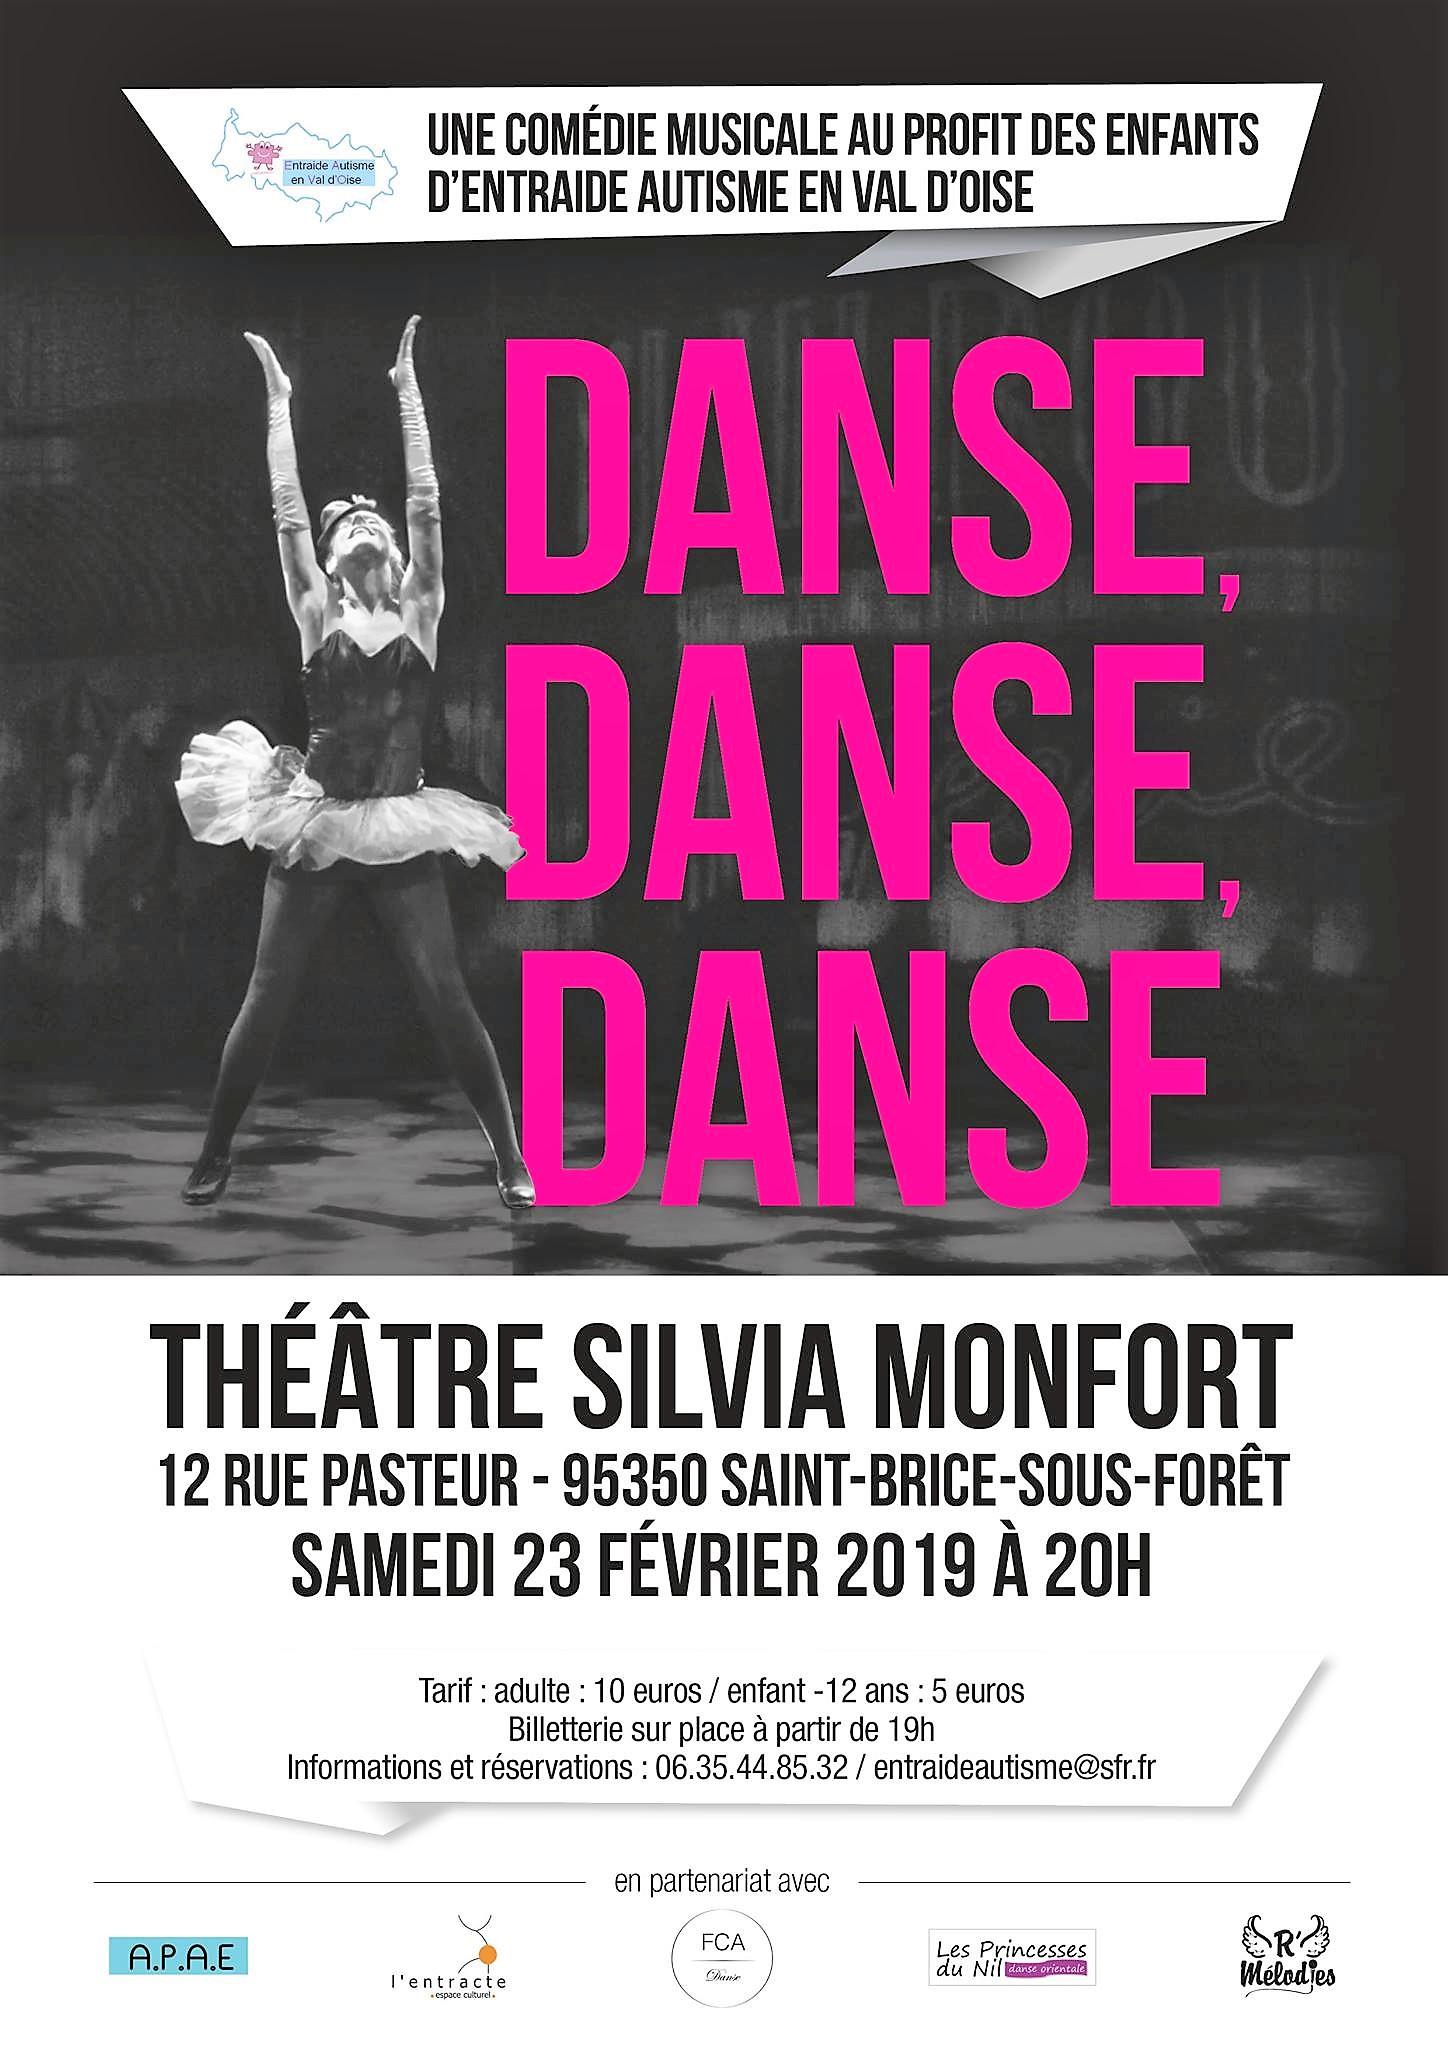 Comédie musicale : Danse danse danse